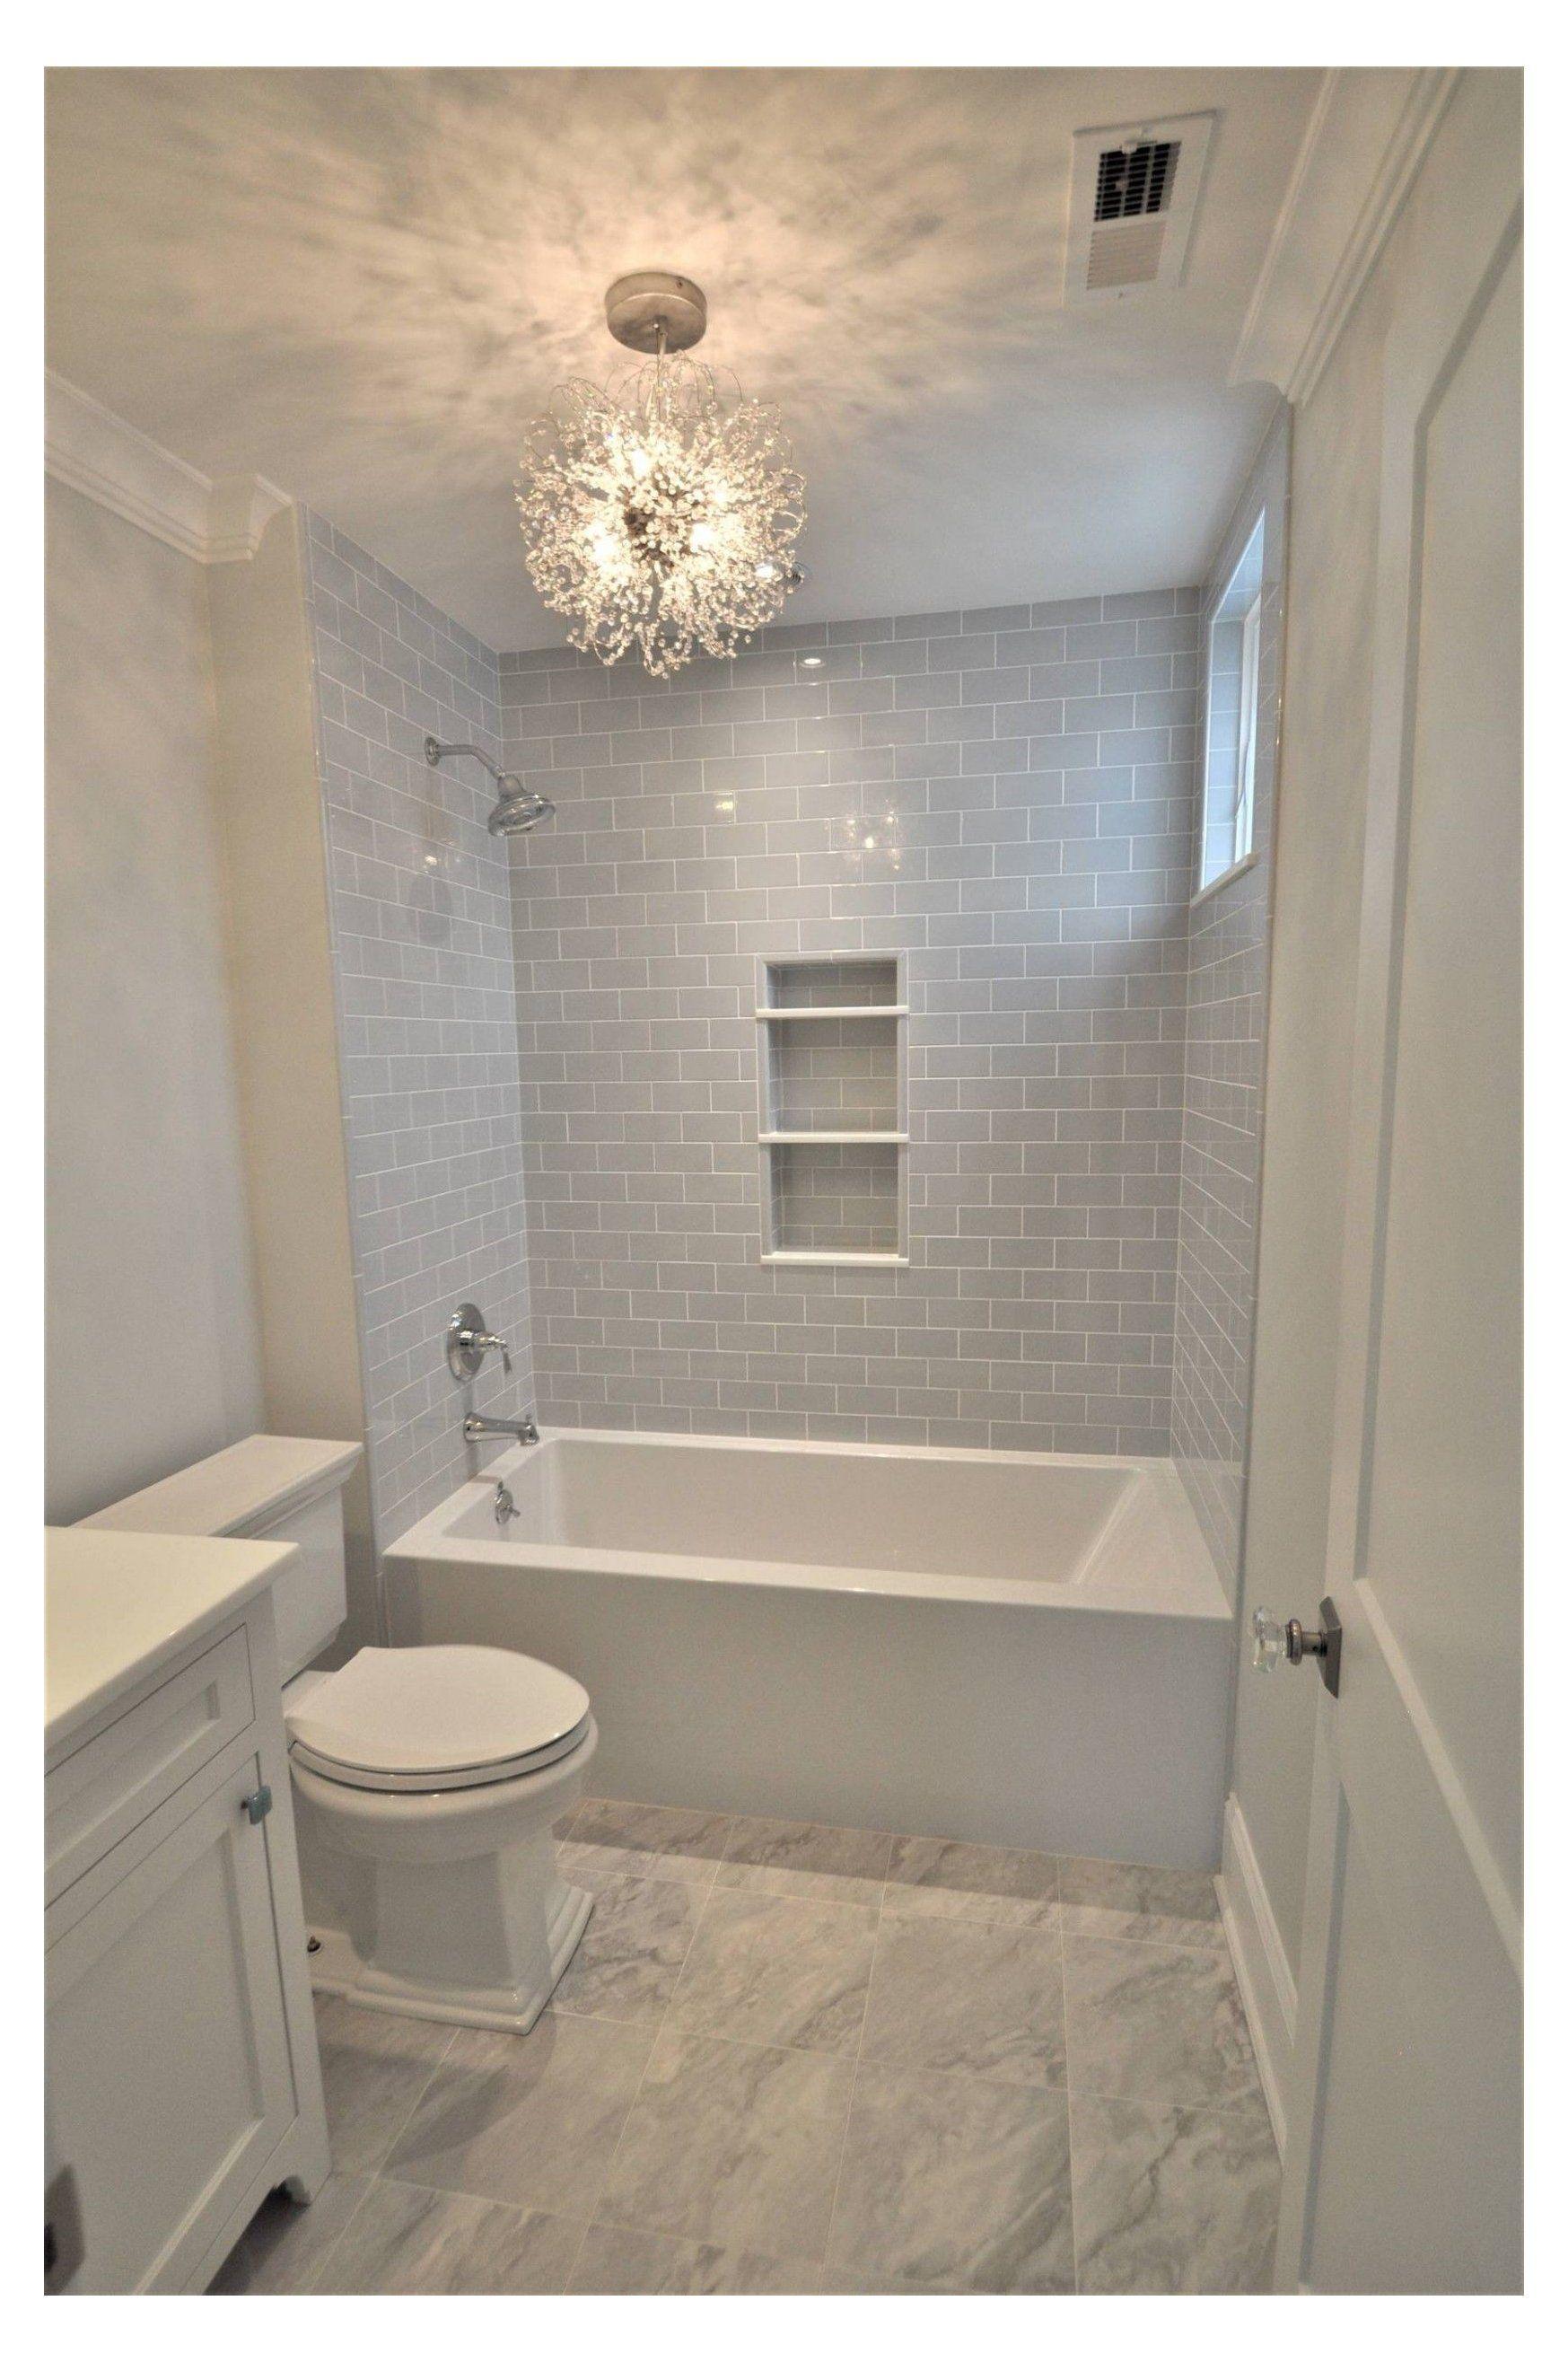 Smallbathroom Kleine Badezimmer Ideen Mit Badewanne Dusche Combo New Ideas Badewanne Badezi Bath In 2020 Bathroom Design Small Small Bathroom Bathrooms Remodel